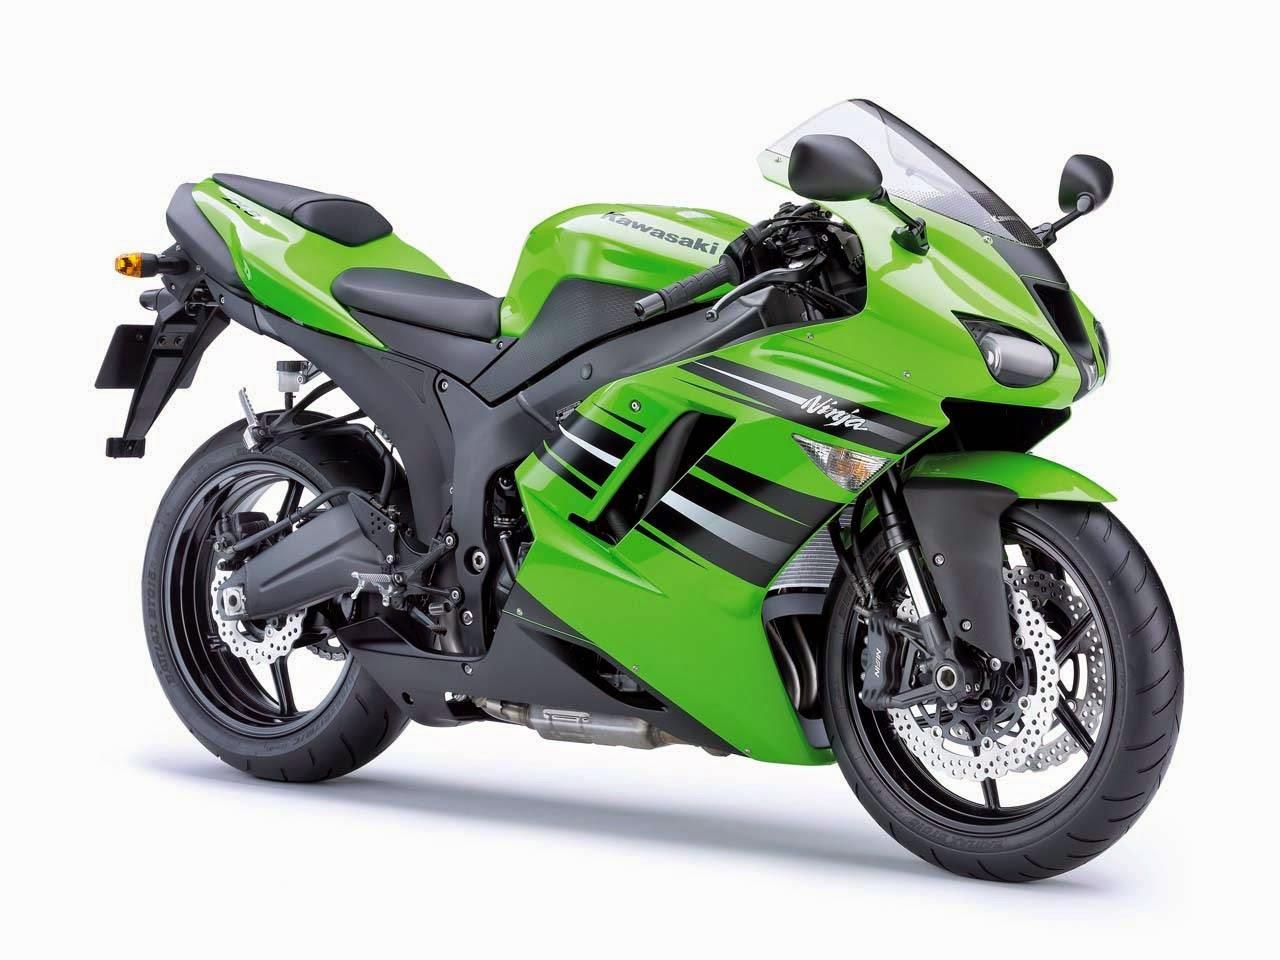 Daftar Harga Motor Kawasaki Ninja Terbaru 2015